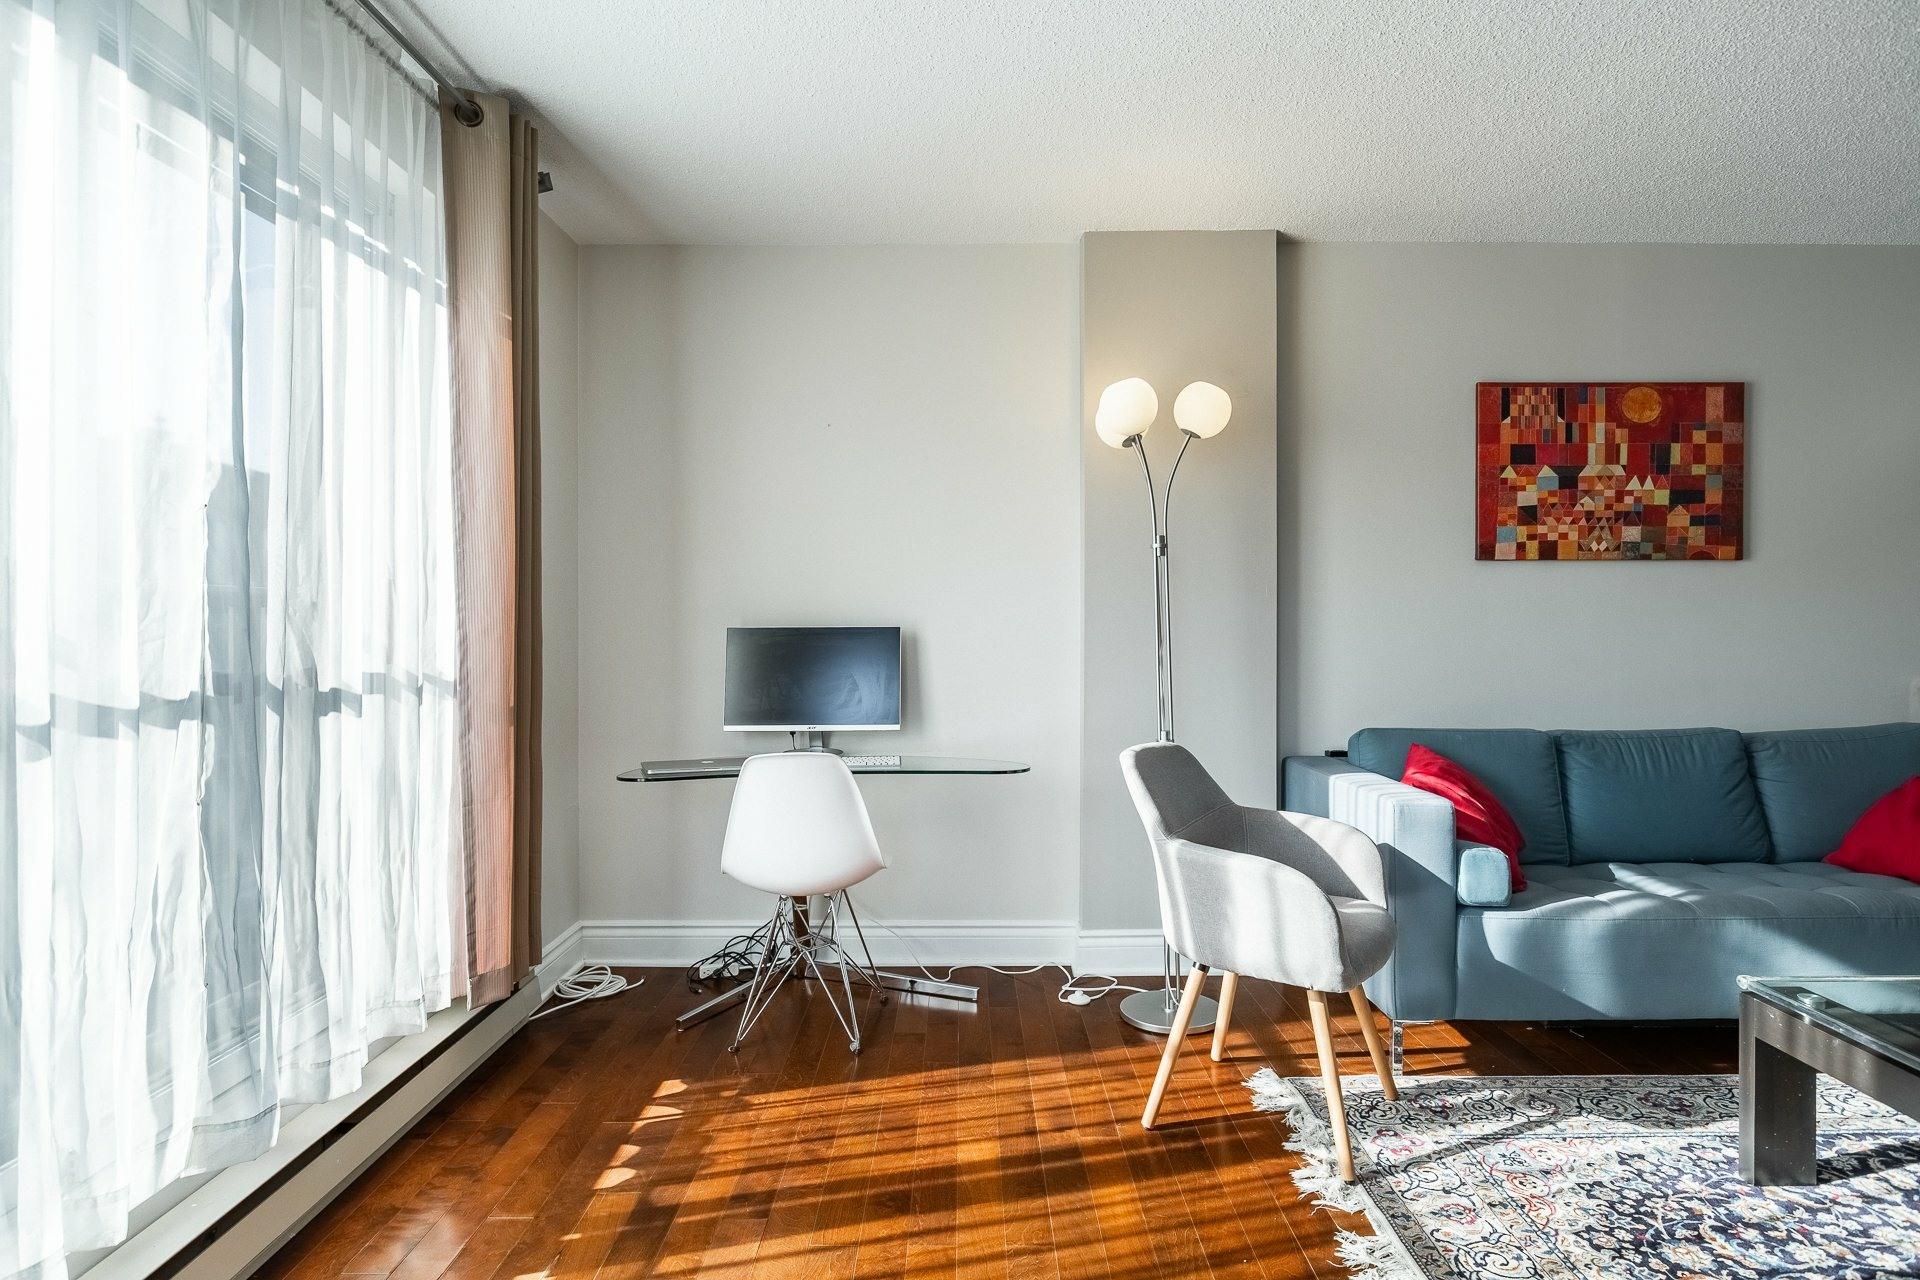 image 3 - Appartement À vendre Montréal Le Plateau-Mont-Royal  - 8 pièces